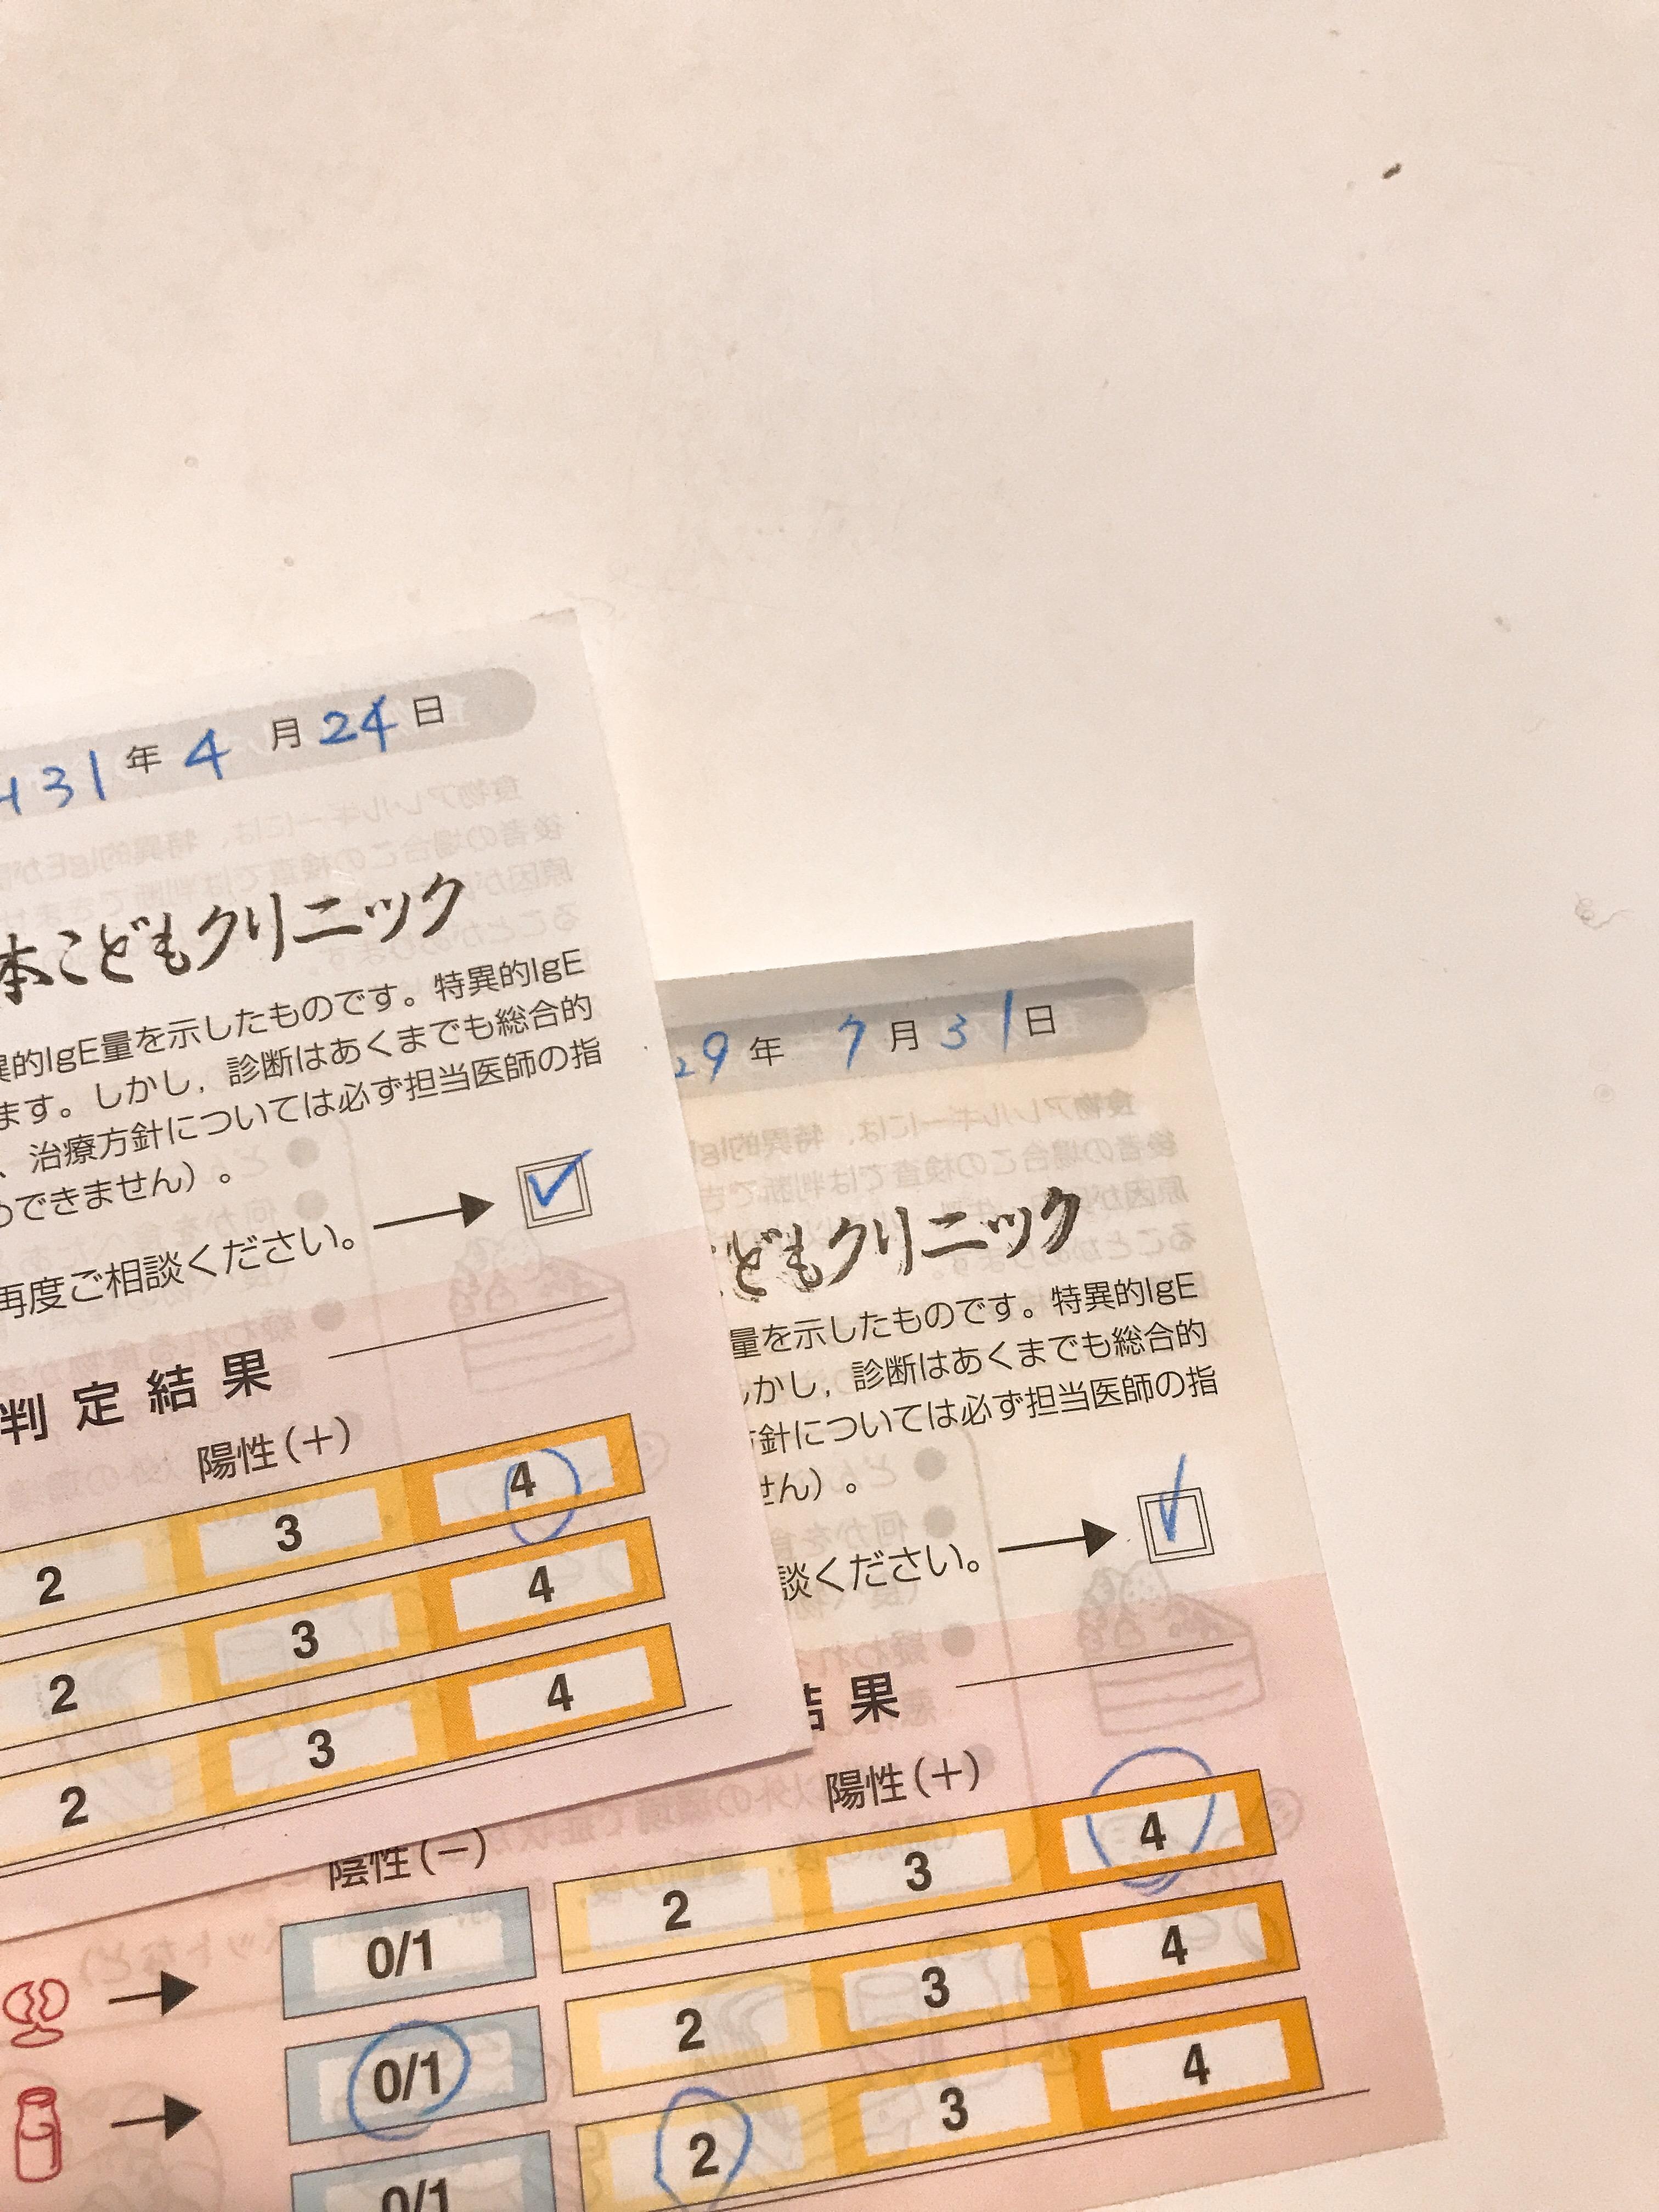 4番目の子は卵アレルギー 検査結果と今後の食事指導